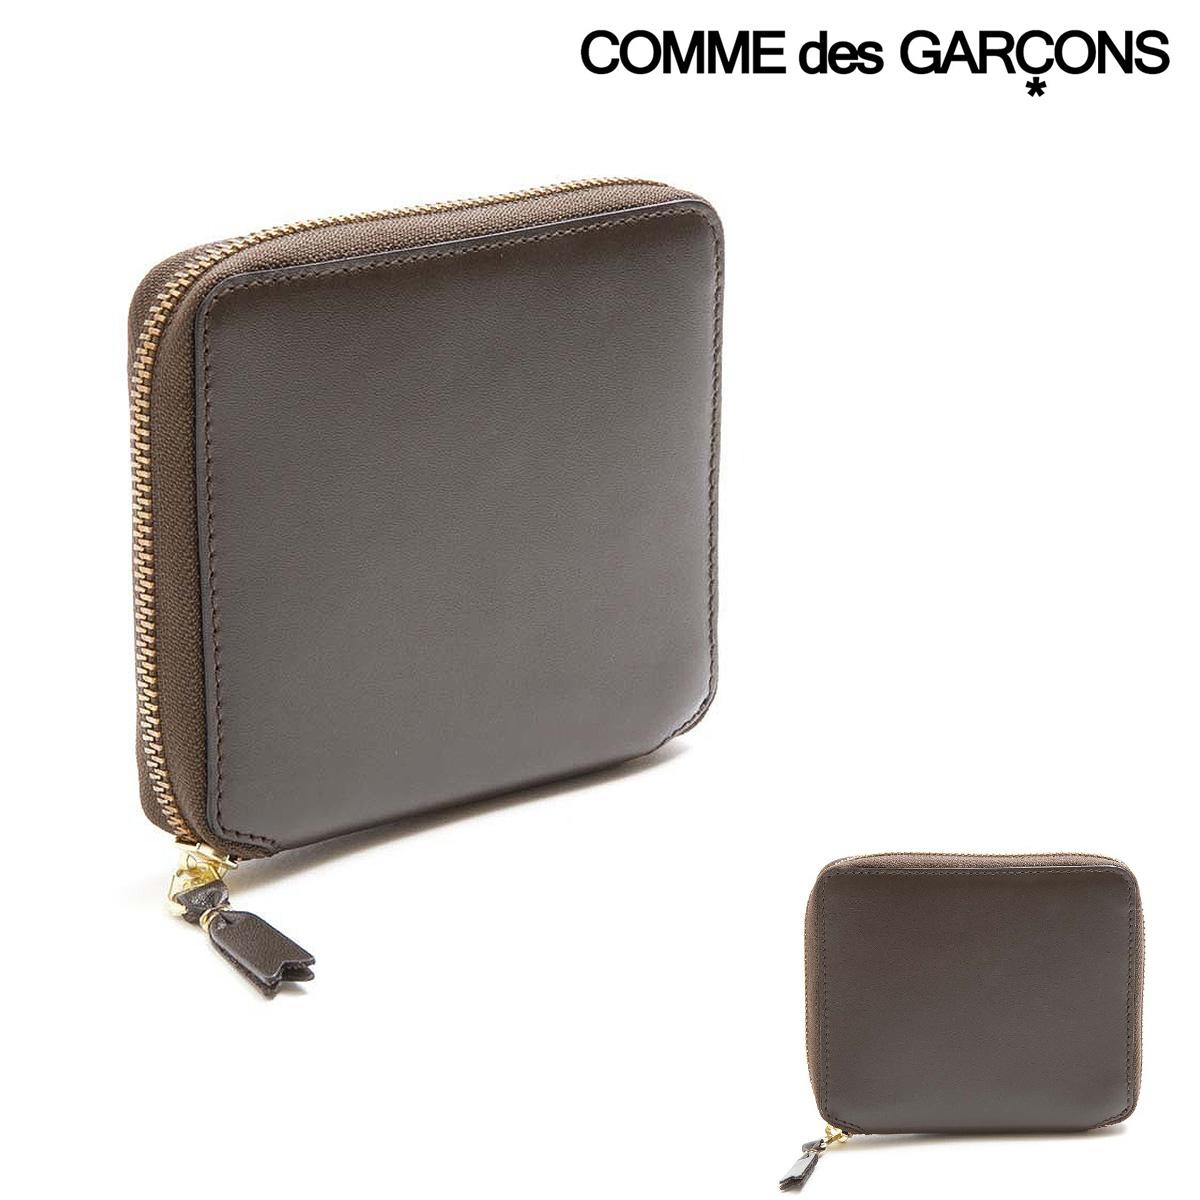 コムデギャルソン 二つ折り財布 メンズ レディース SA2100 COMME des GARCONS | ラウンドファスナー レザー ブランド専用BOX付き